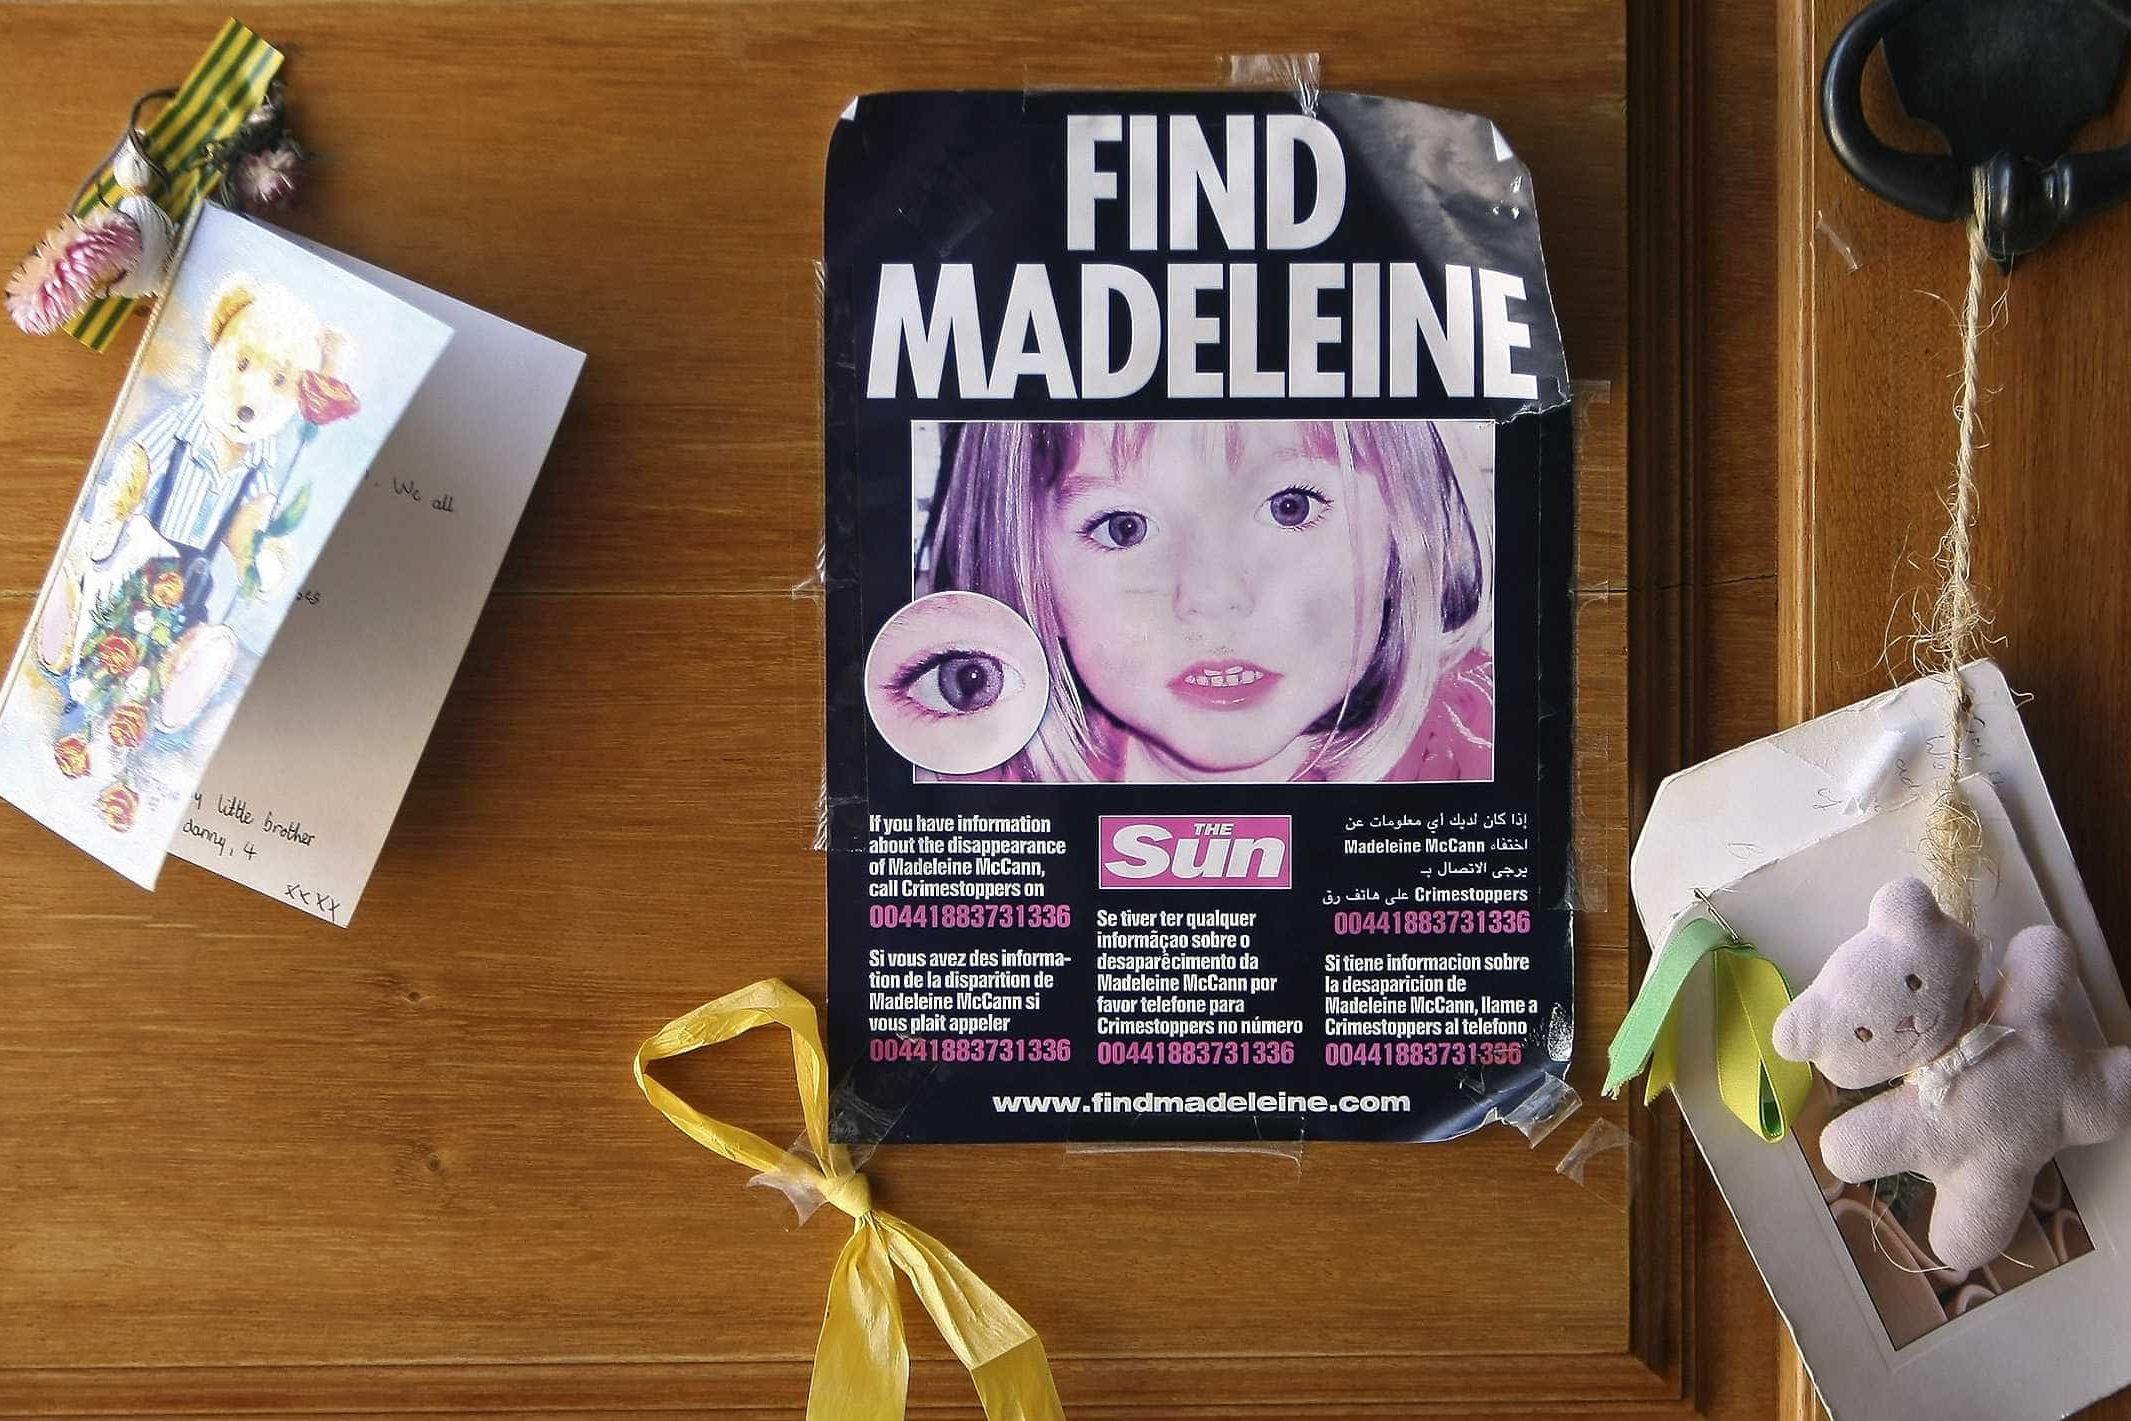 Governo britânico dá mais 175 mil euros para investigação de 'Maddie'